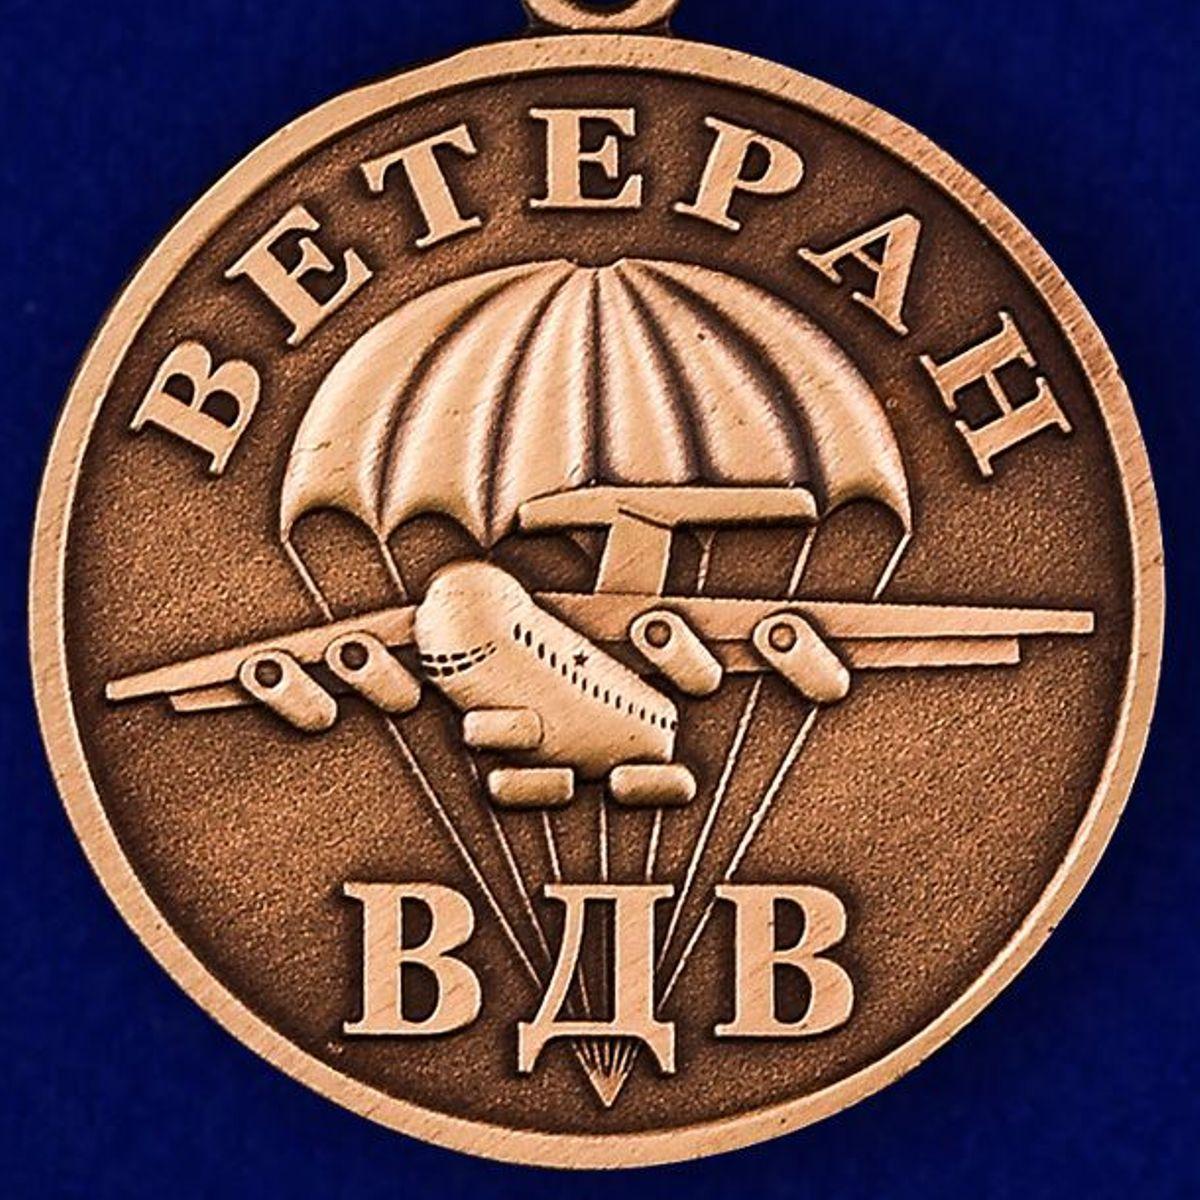 Памятная медаль Ветеран ВДВ в бархатистом футляре из флока - купить в подарок